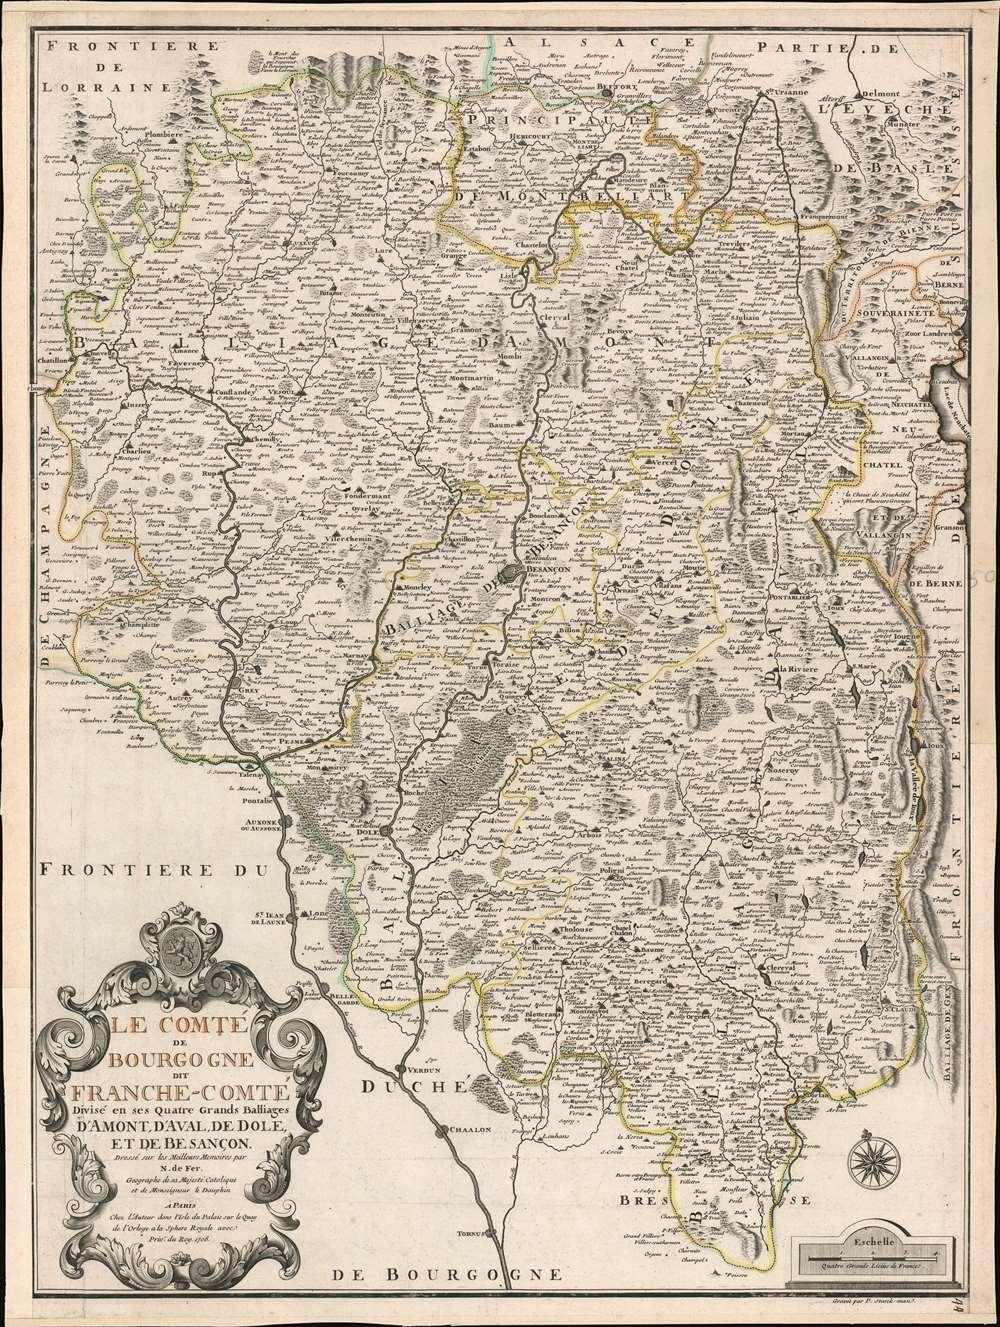 Le Comté de Bourgogne dit France-Comté Divisé en ses Quatres Grands Balliages d'Amont, d'Aval, de Dole, et de Besançon. - Main View